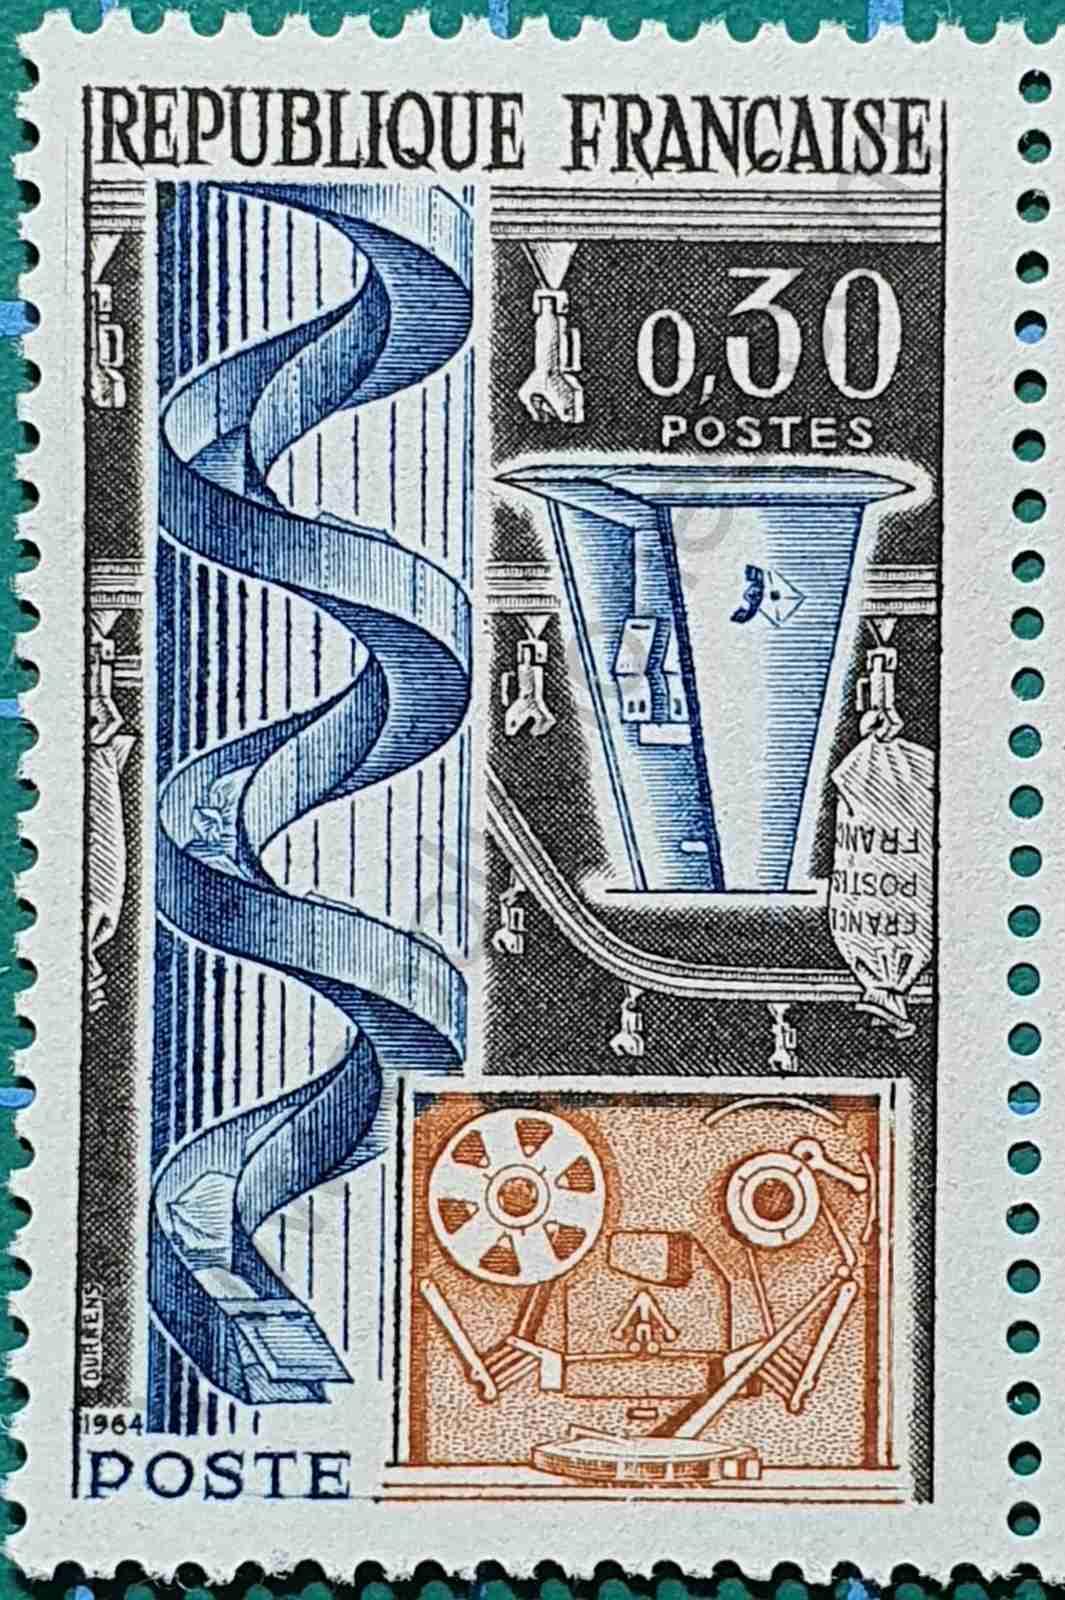 Máquinas de correo - Sello Francia 1964